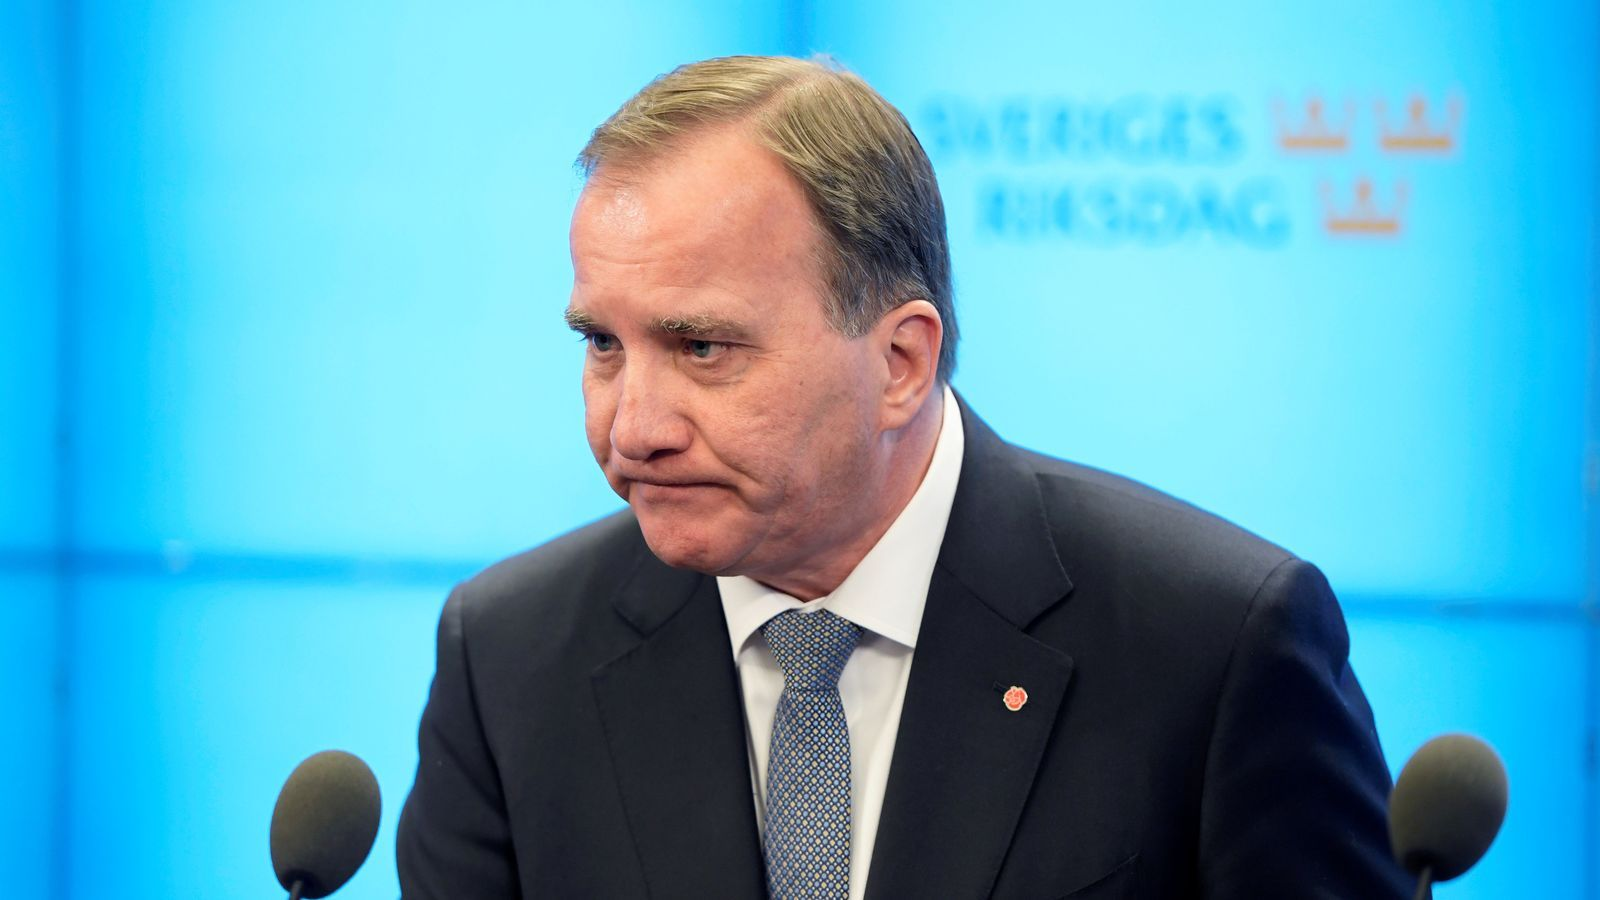 El primer ministre suec, Stefan Löfven, atenent els mitjans després de perdre la moció de censura, a Estocolm